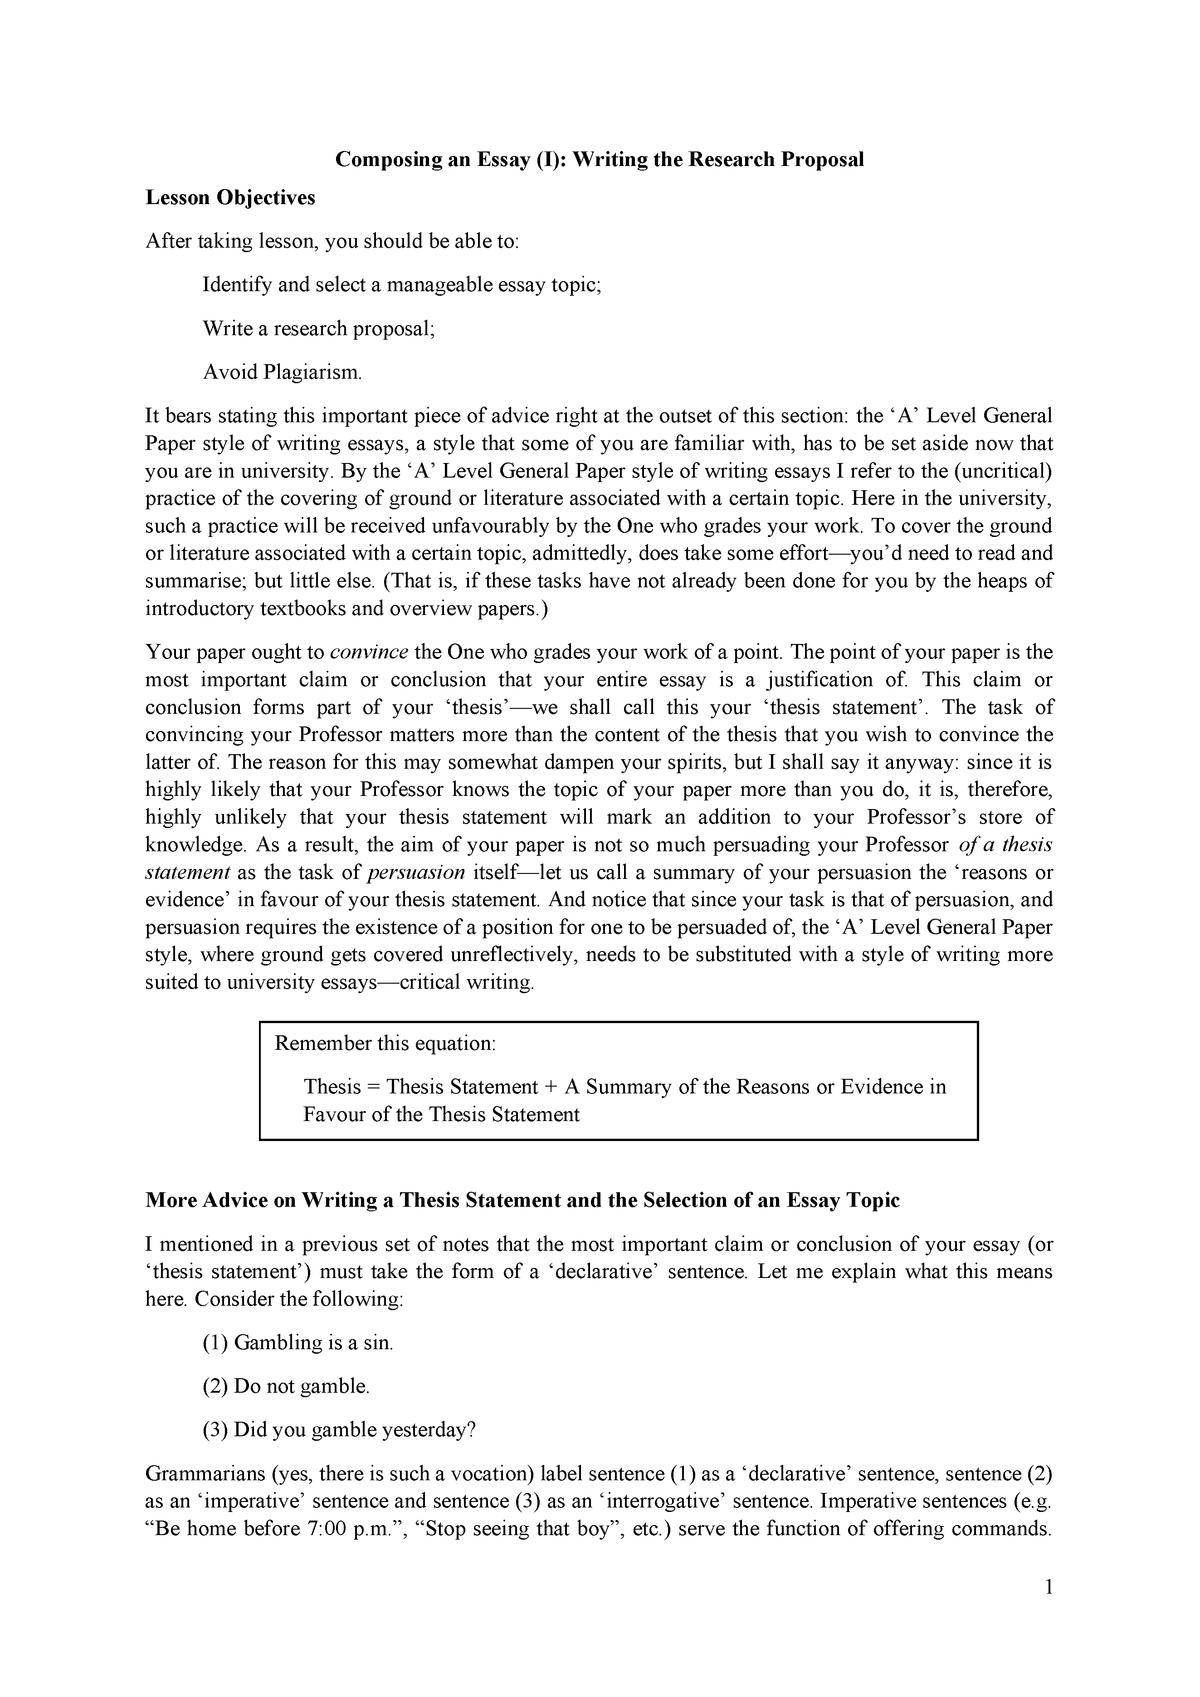 Wk 3 -Composing an Essay (I)